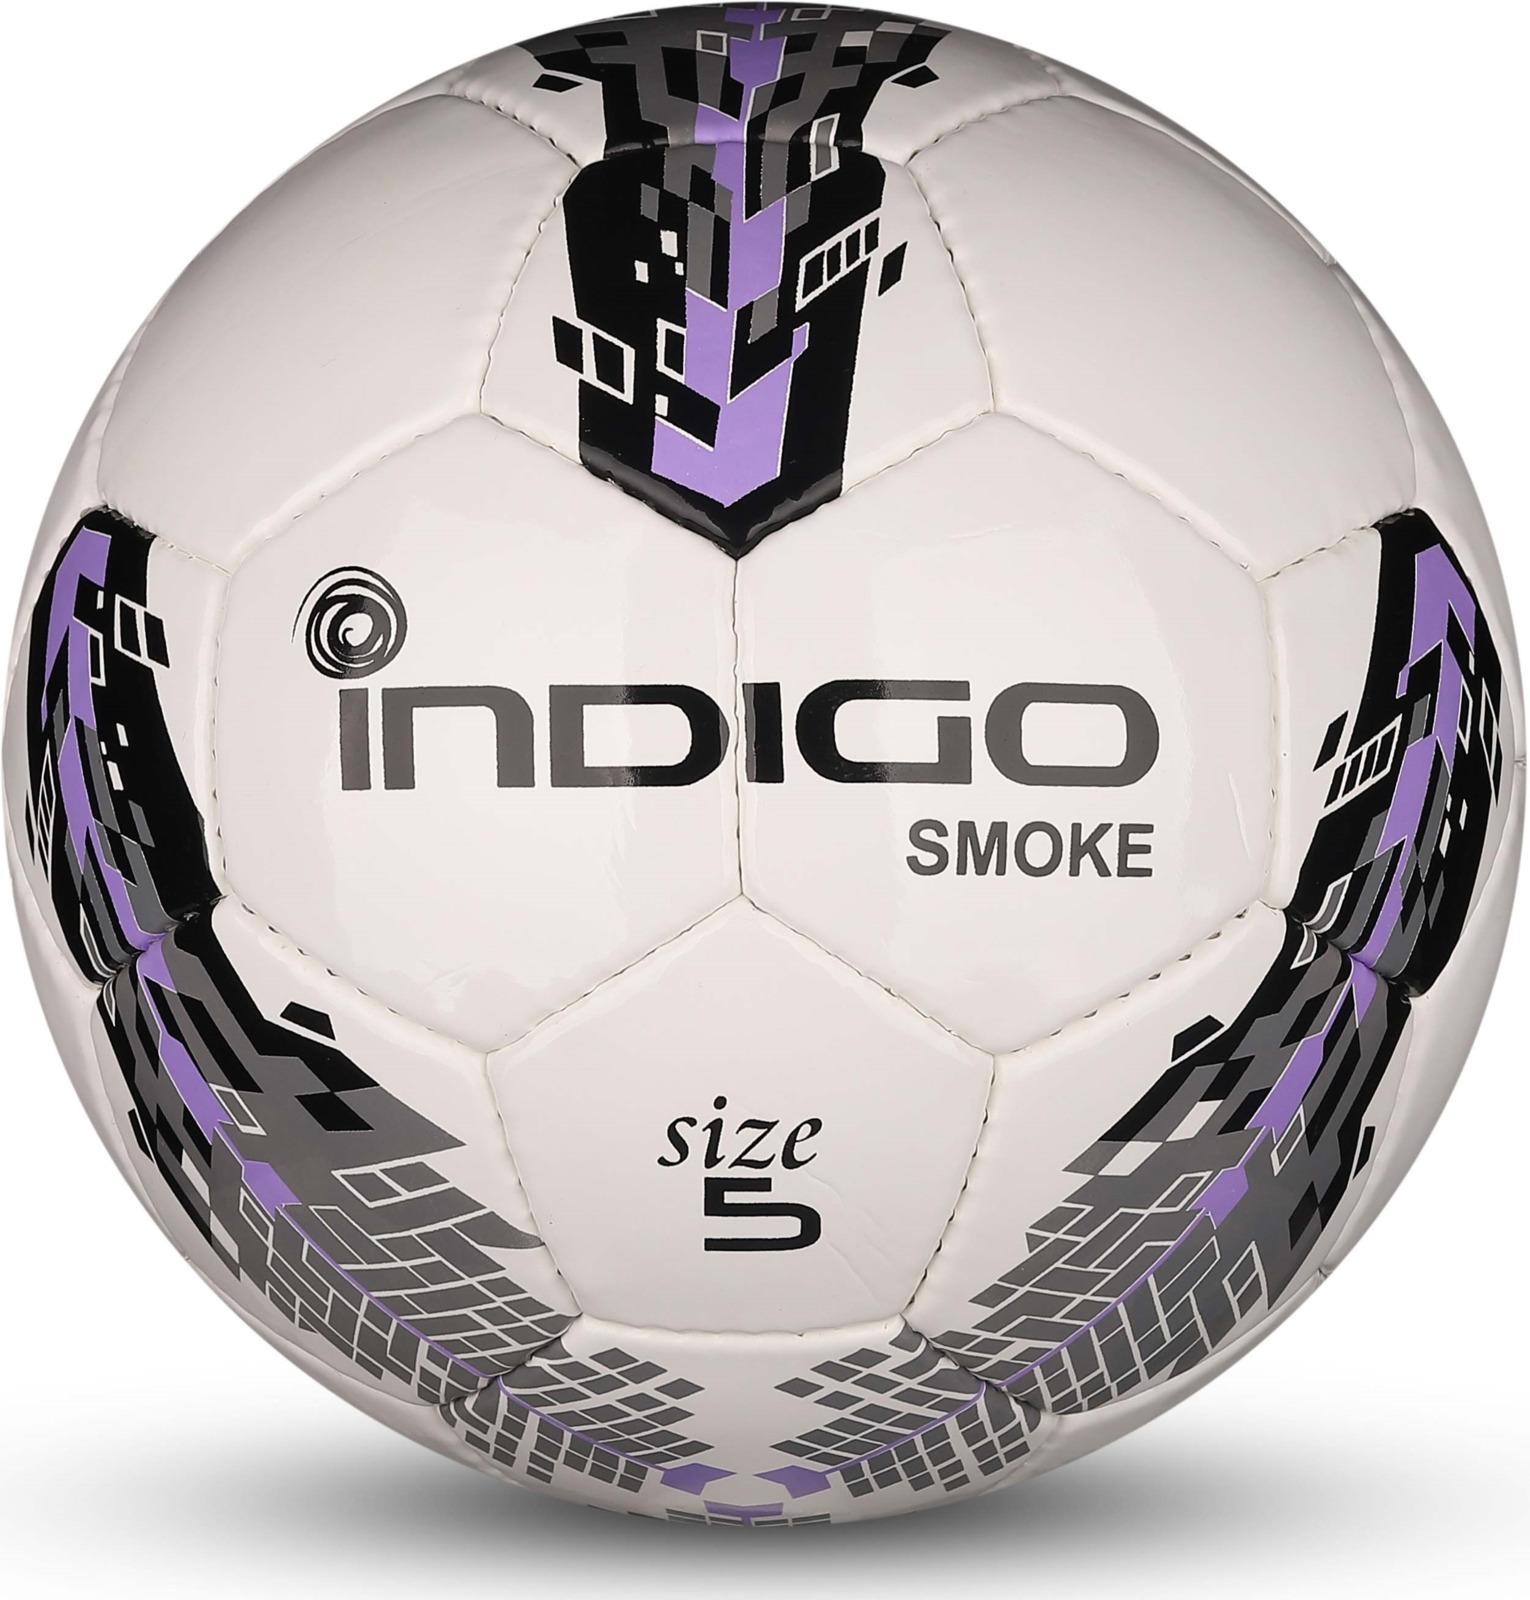 Мяч футбольный Indigo Smoke, IN025, белый, черный, фиолетовый, размер 5 мяч футбольный indigo rain in031 белый синий желтый размер 3